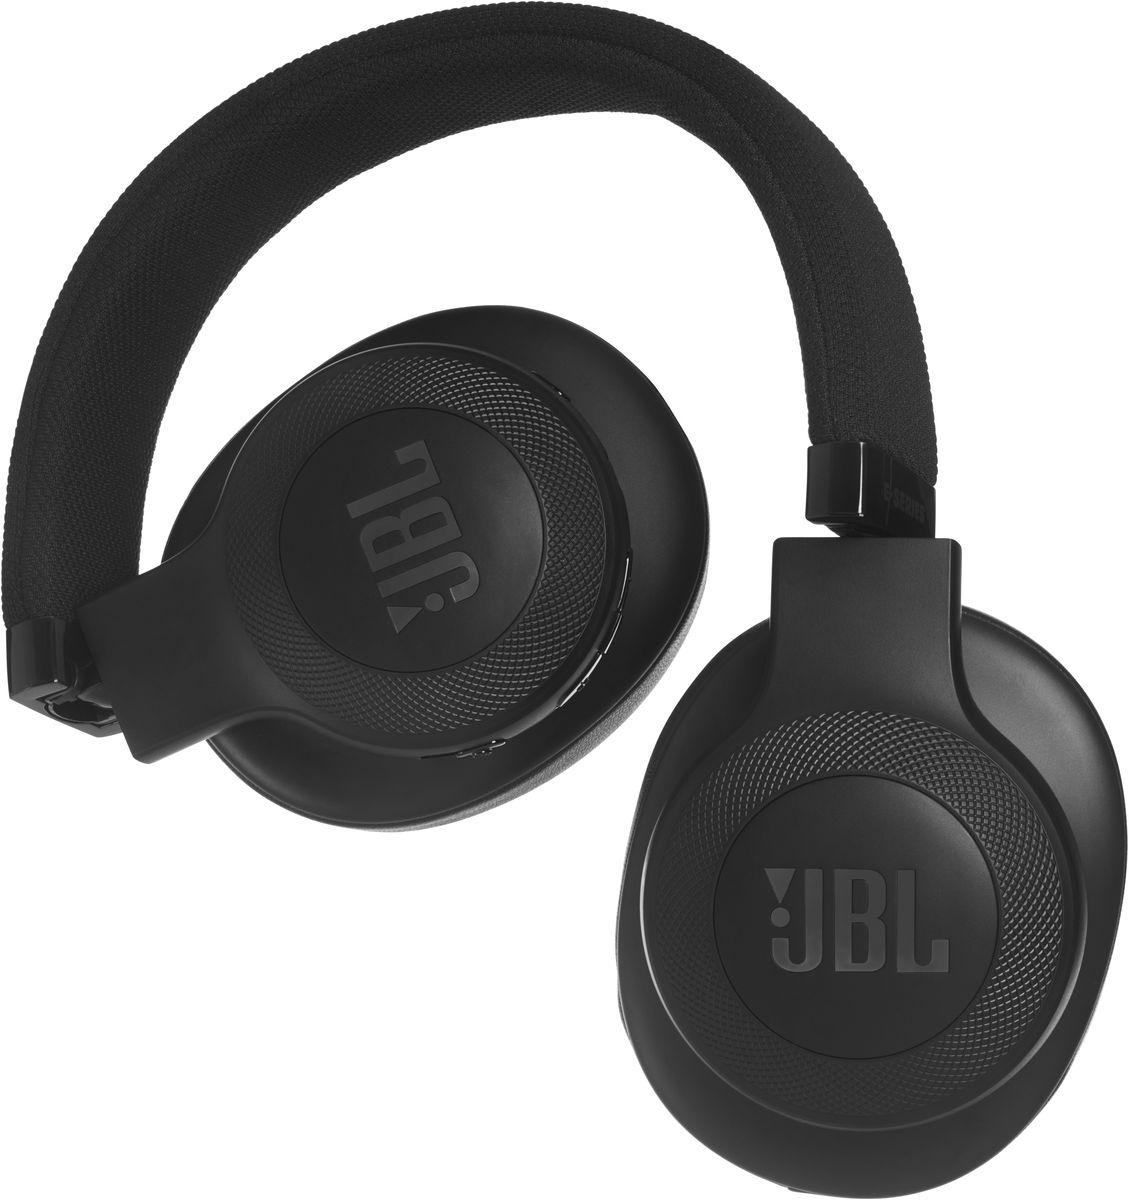 JBL E55BT, Black беспроводные наушникиJBLE55BTBLKБеспроводные накладные наушники JBL E55BT доставят легендарный звук JBL прямо вам в уши. E55BT — одна из наиболее универсальных моделей, отличающаяся длительной работой от аккумулятора (до 20 часов) и инновационным, стильным оголовьем с тканевой отделкой, подчеркивающим ваш модный образ. Эргономичный накладной дизайн означает, что вы можете не расставаться с любимой музыкой и получать дополнительное удовольствие, где бы вы ни были — на работе, в транспорте или просто в городе. Подключение к нескольким устройствам позволяет с легкостью переключаться между двумя устройствами, поэтому вы никогда не пропустите звонок. Благодаря элегантному внешнему виду, различным цветовым решениям и дополнительному удобству съемного кабеля с пультом управления и микрофоном вам никогда не захочется расставаться с наушниками E55BT.